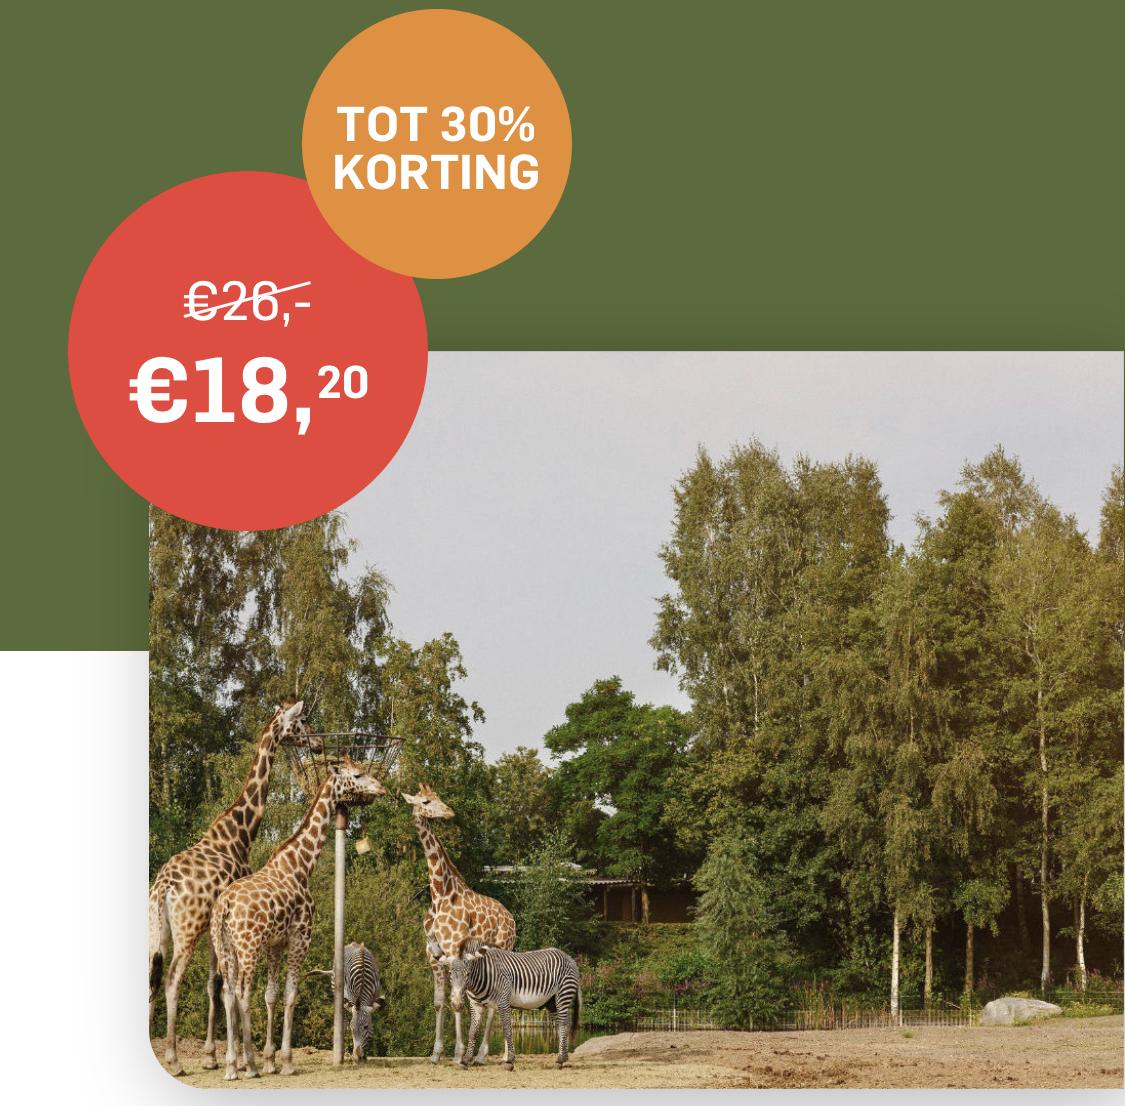 Safaripark Beekse Bergen - korting via uitjes krant.nl